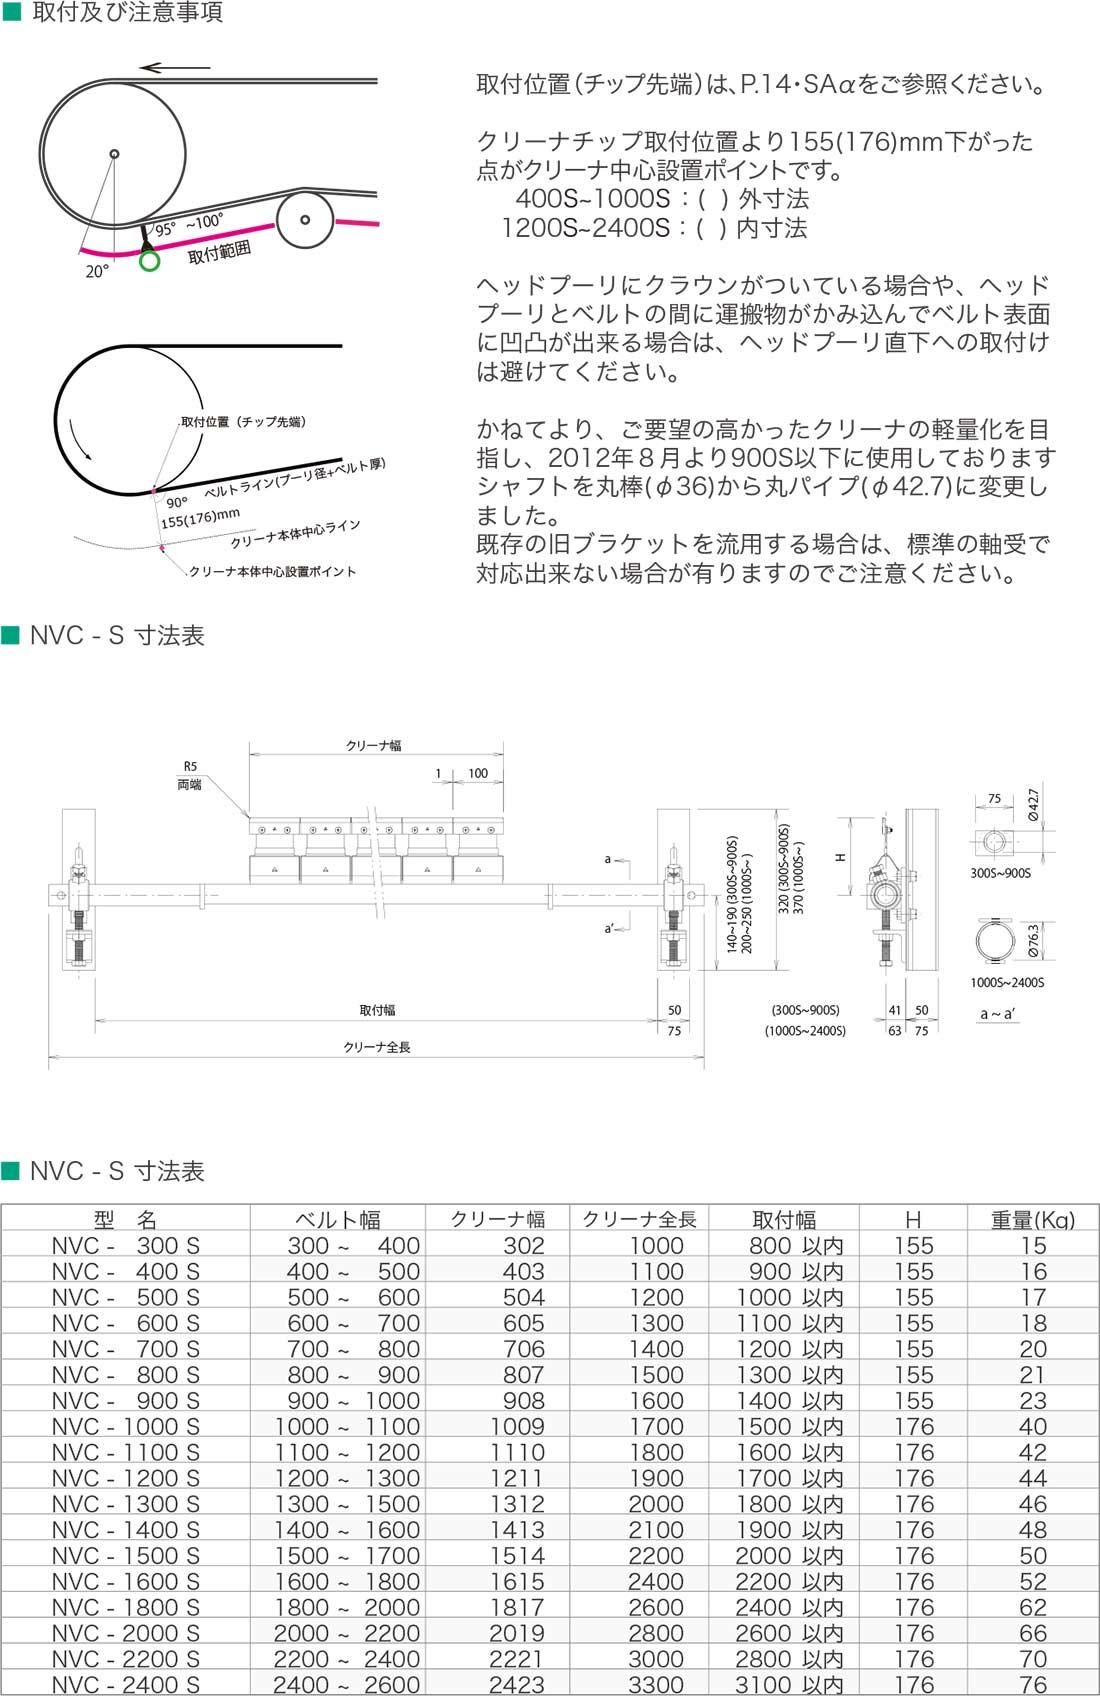 中間クリーナ(NVC-S)